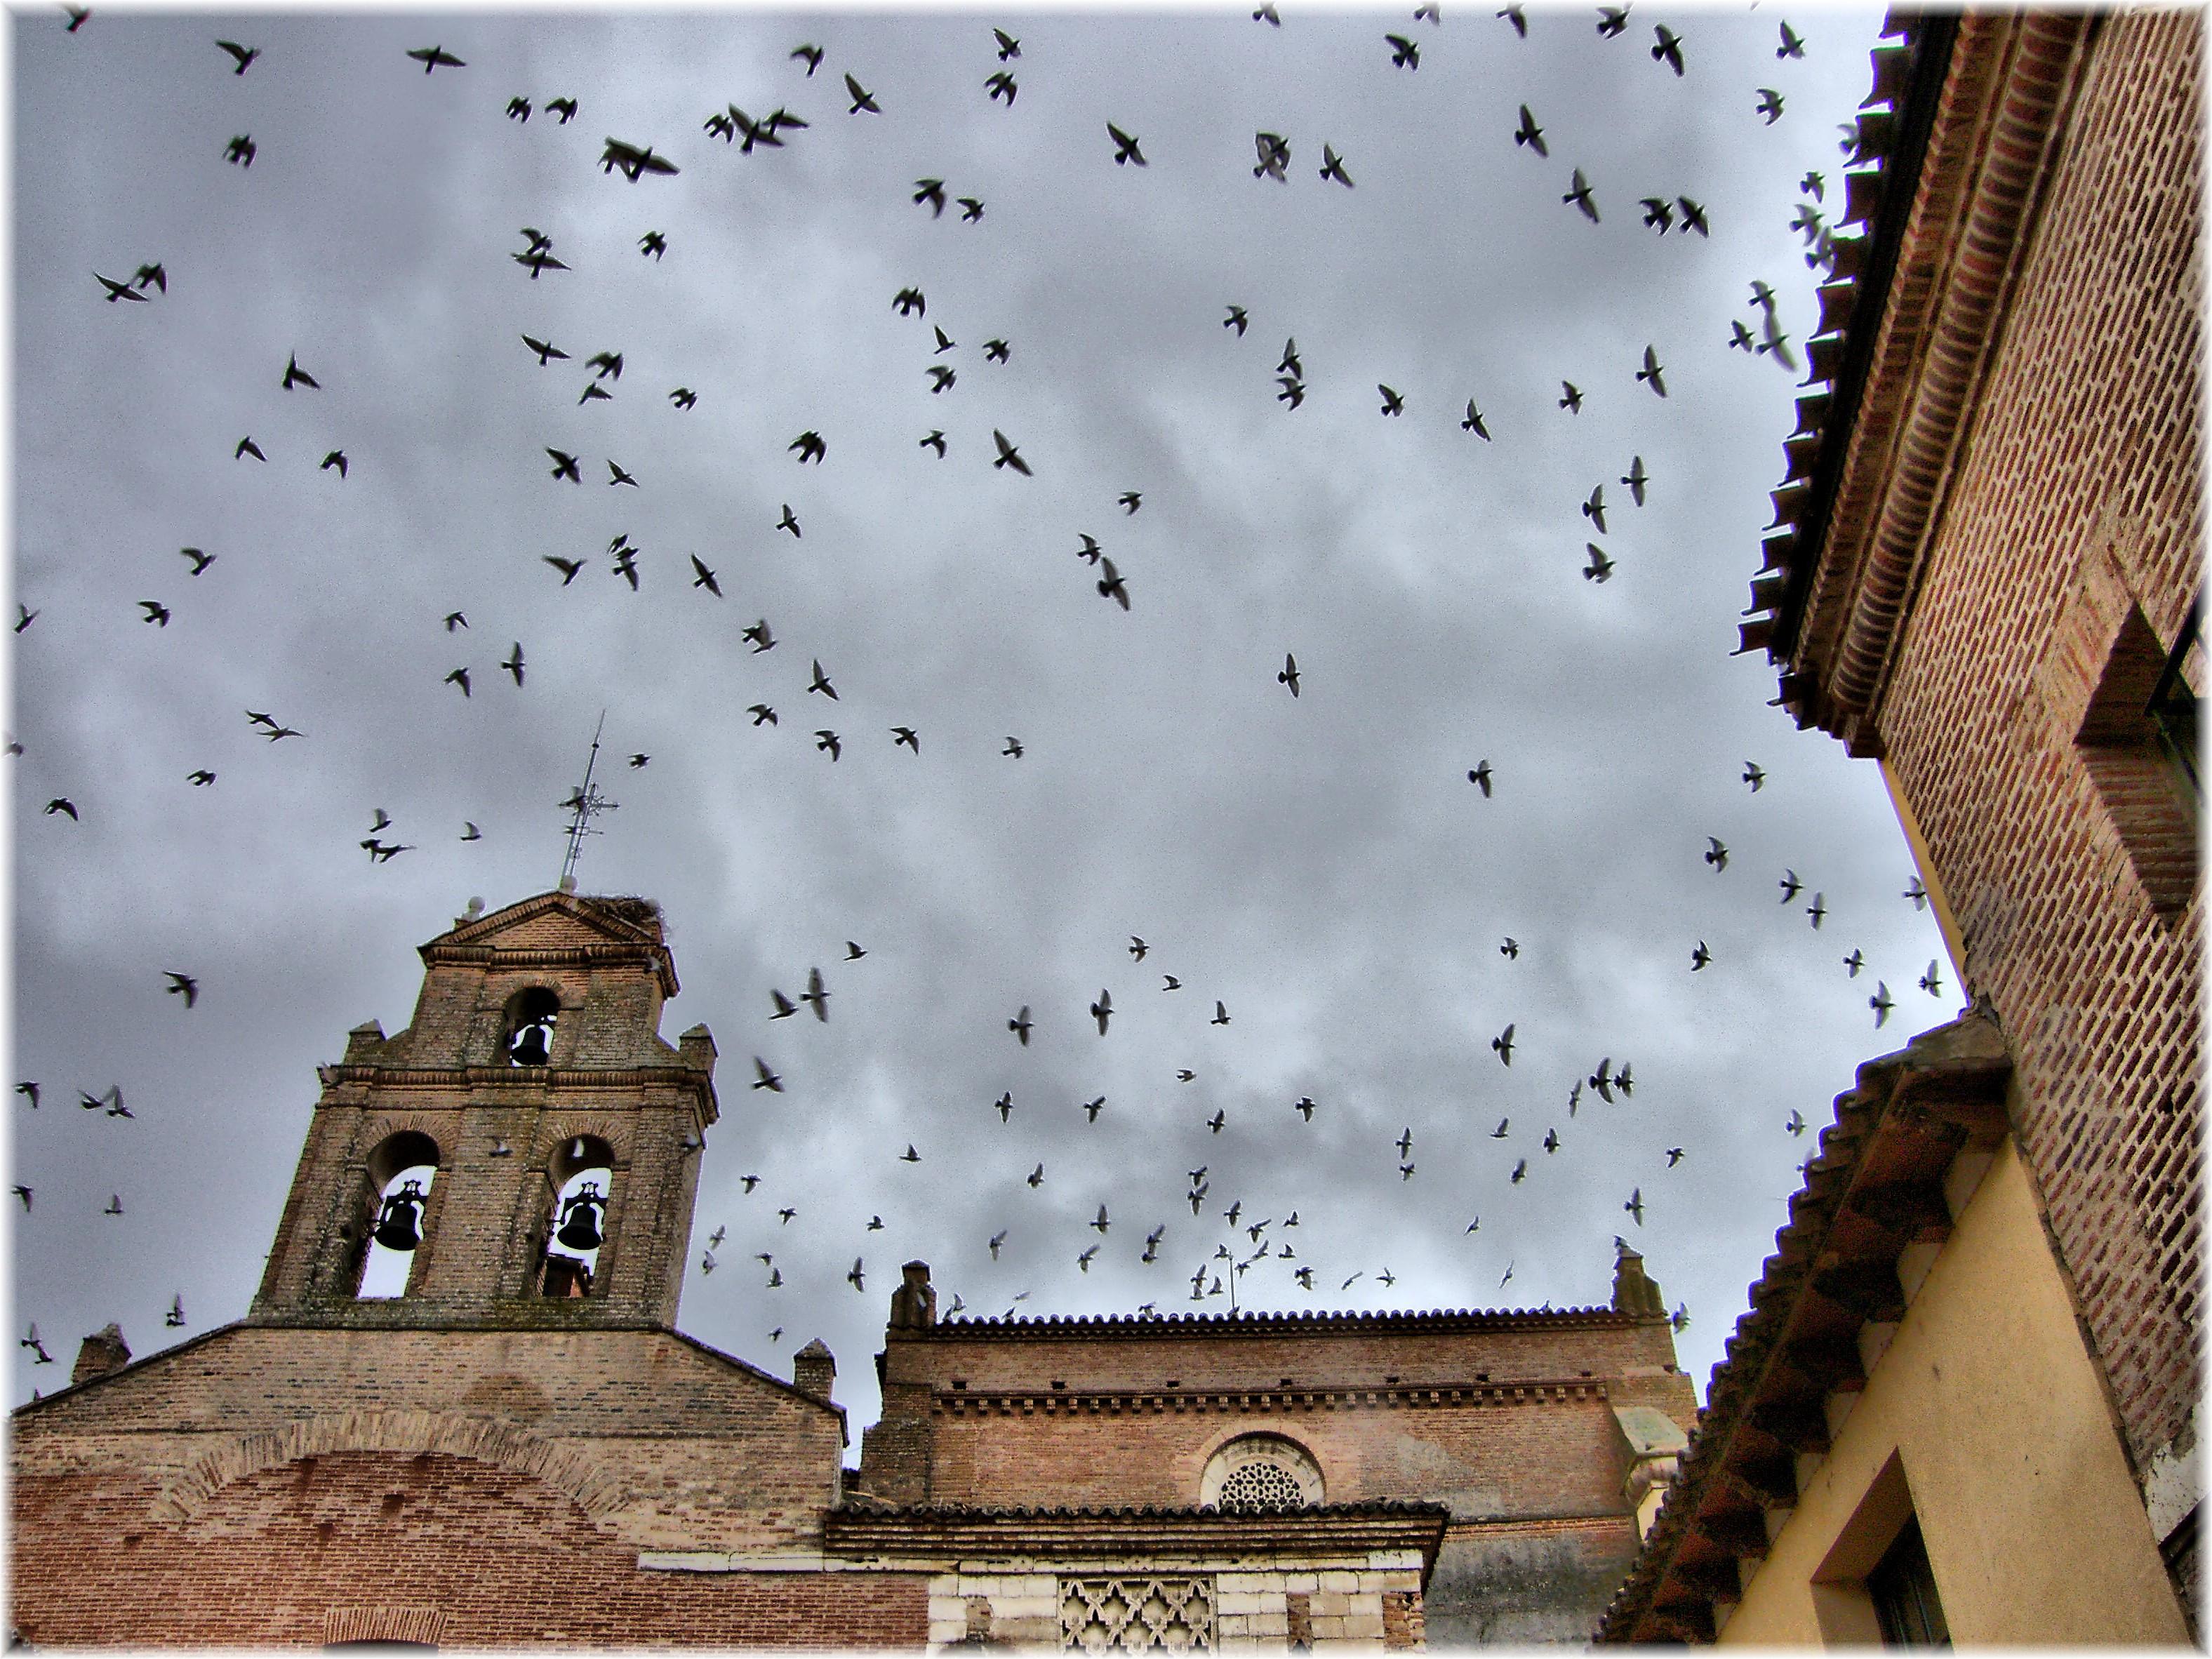 Baños Arabes Tordesillas:2643-Convento de Santa Clara en Tordesillas (Valladolid)